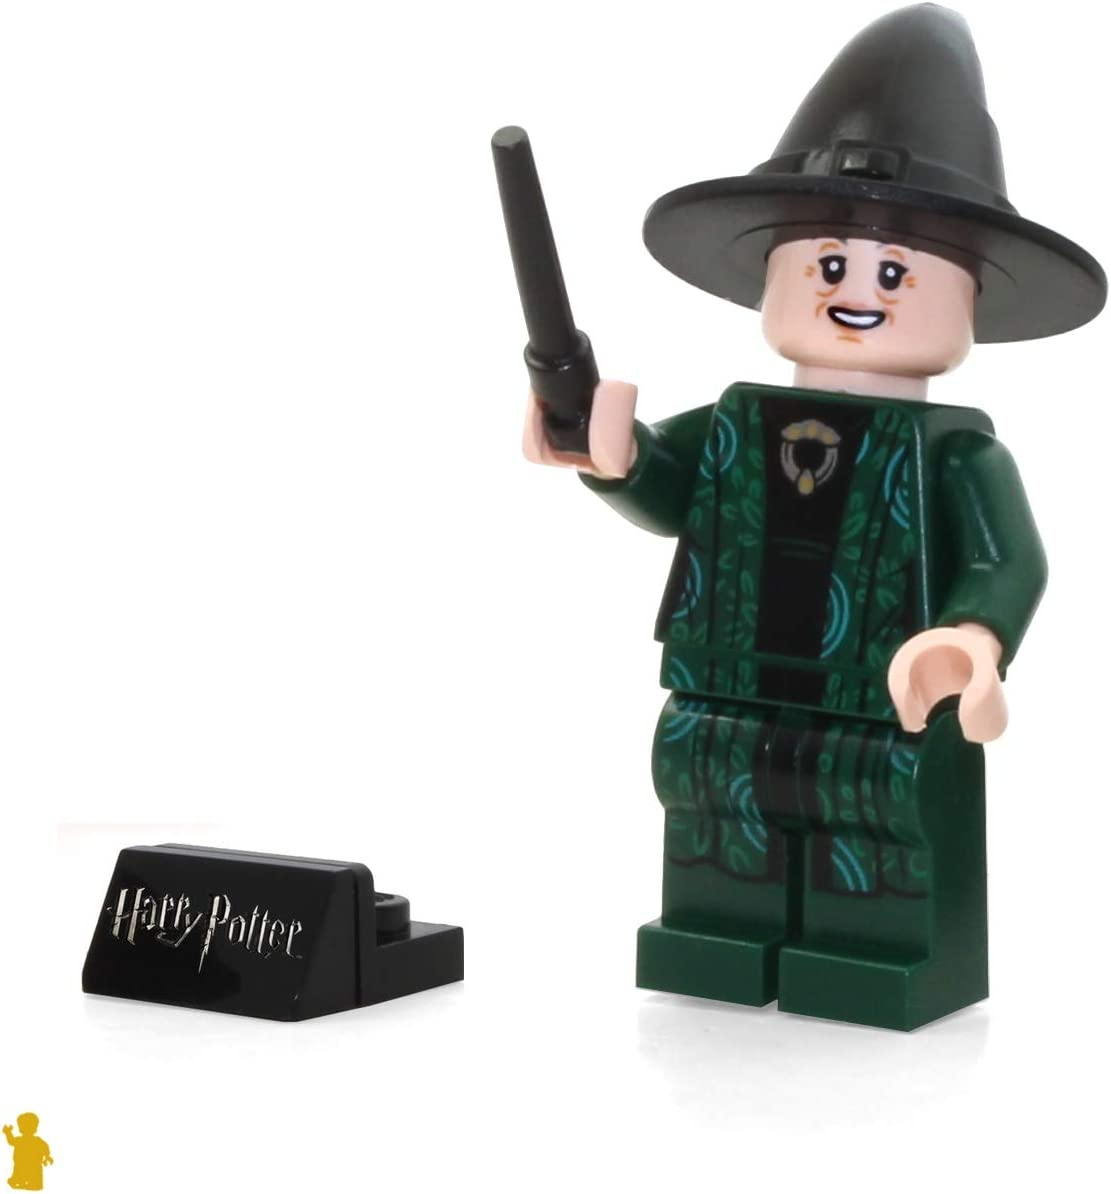 LEGO Professor Minerva McGonagall HARRY POTTER set 75954 Great Hall NEW!